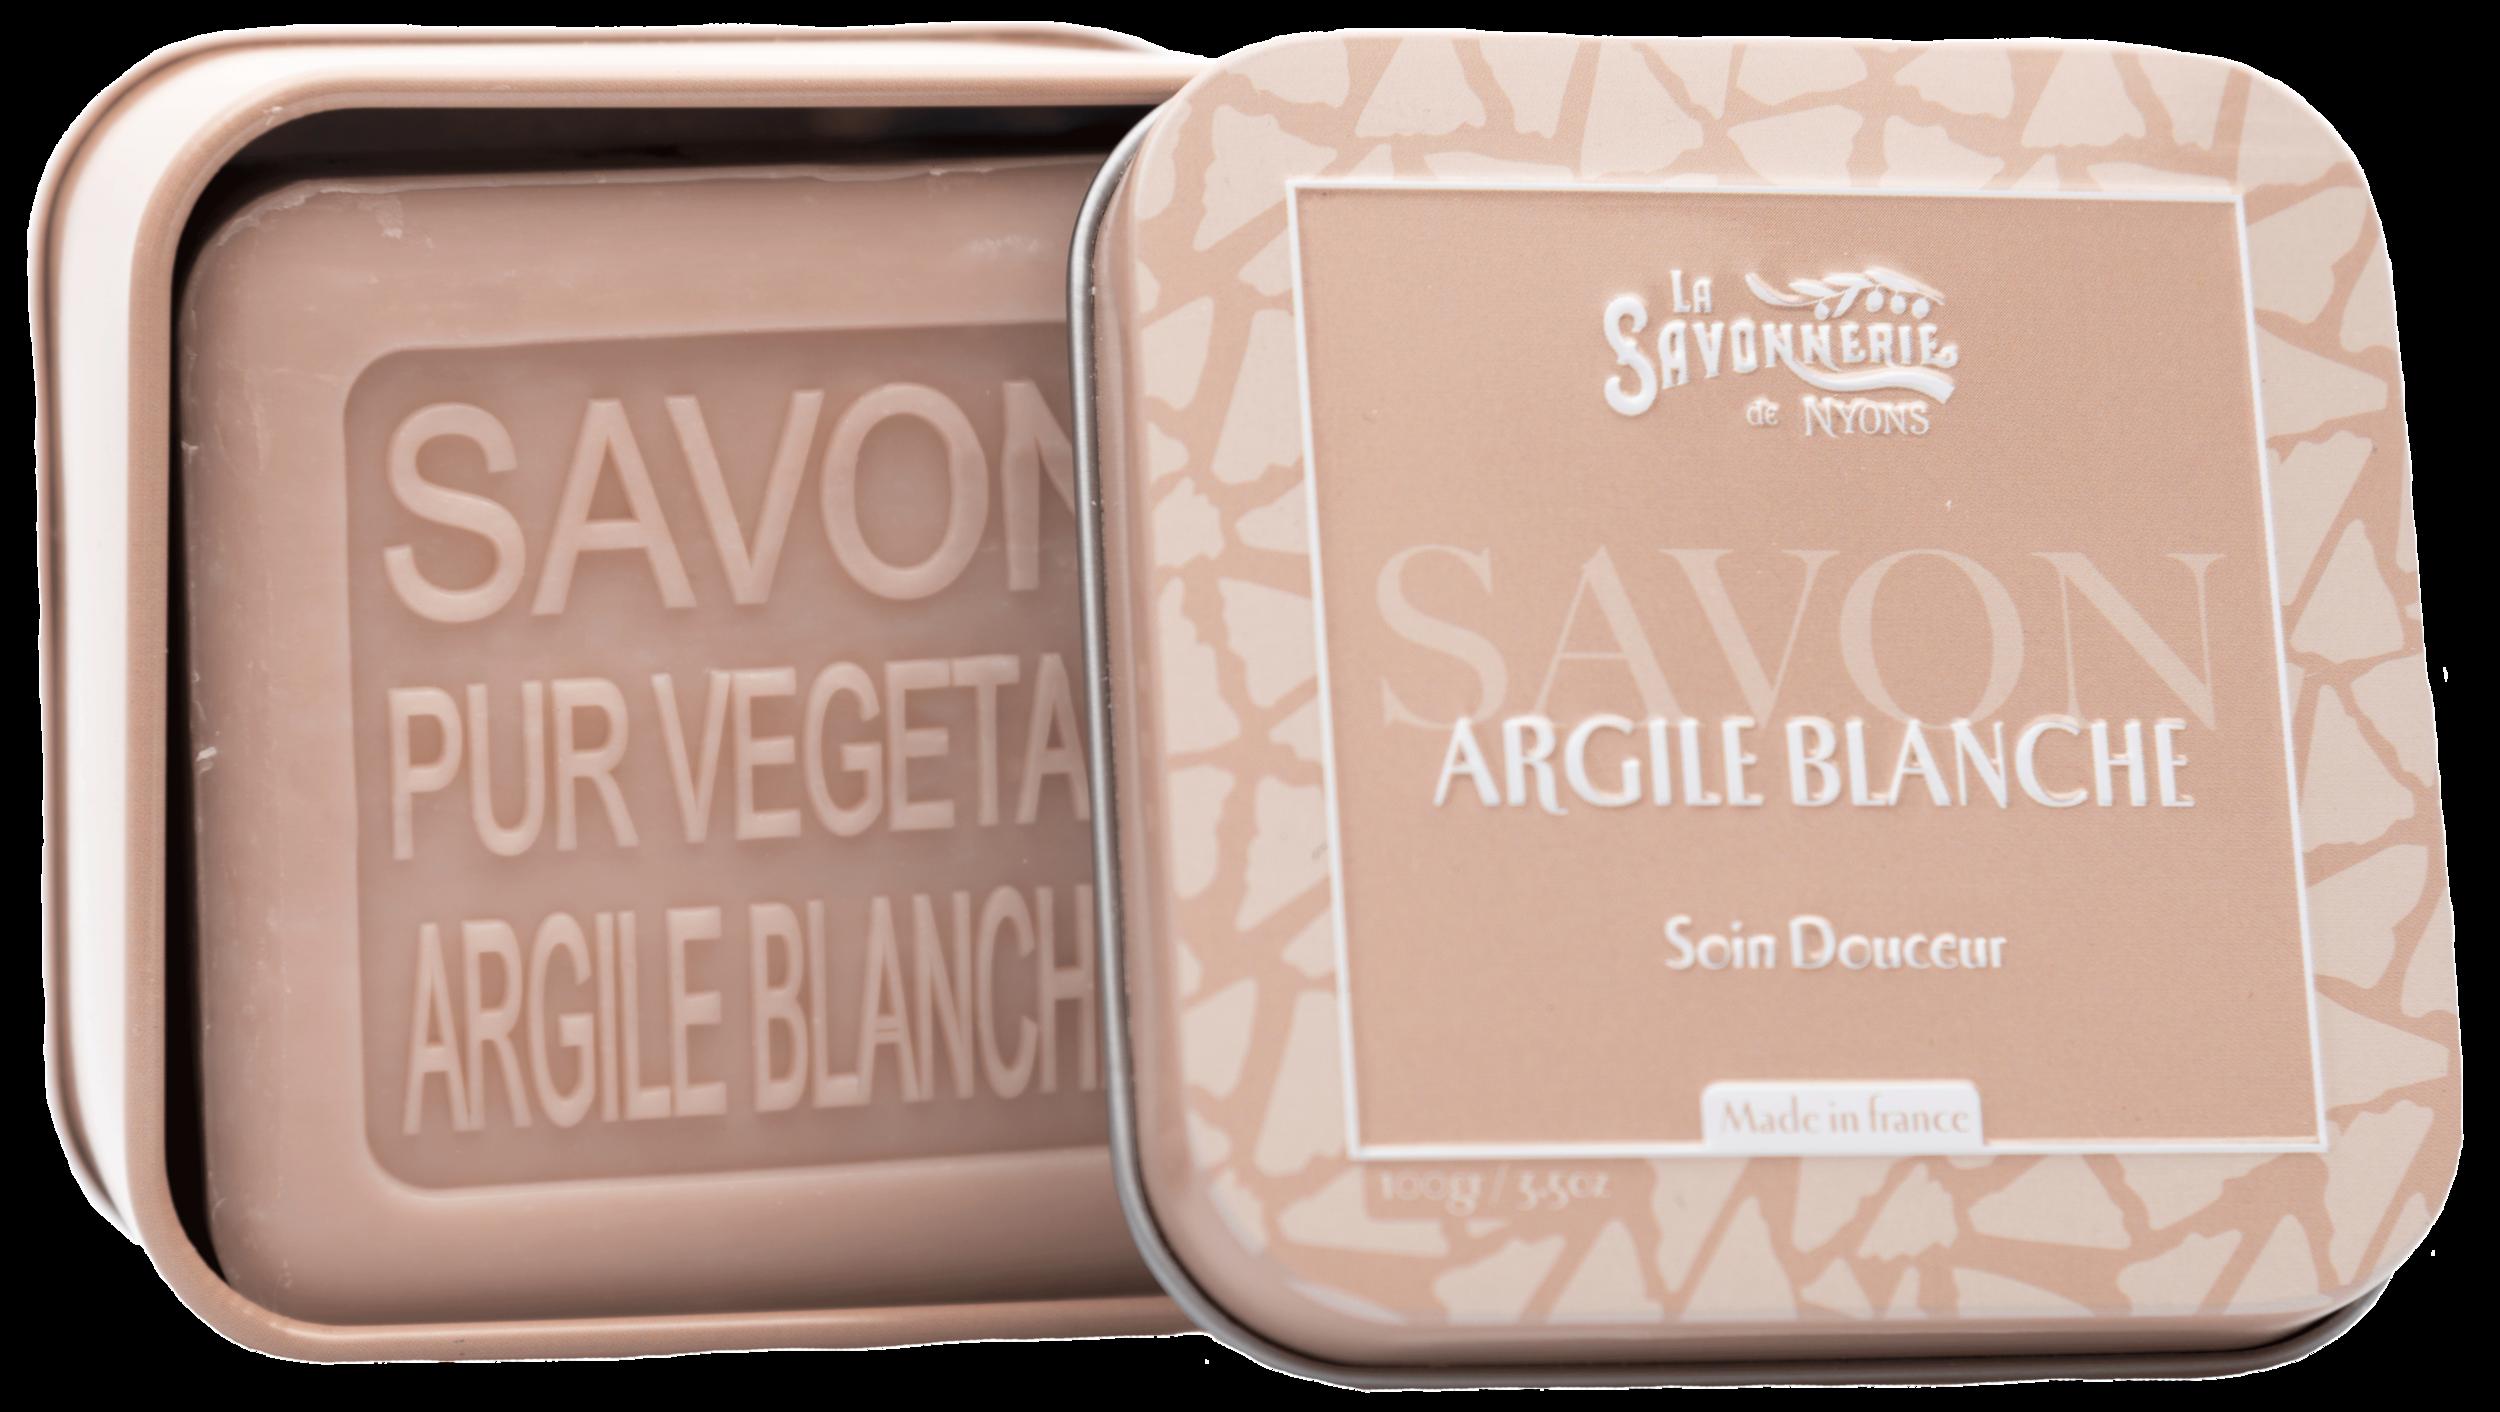 Savon Argile Blanche